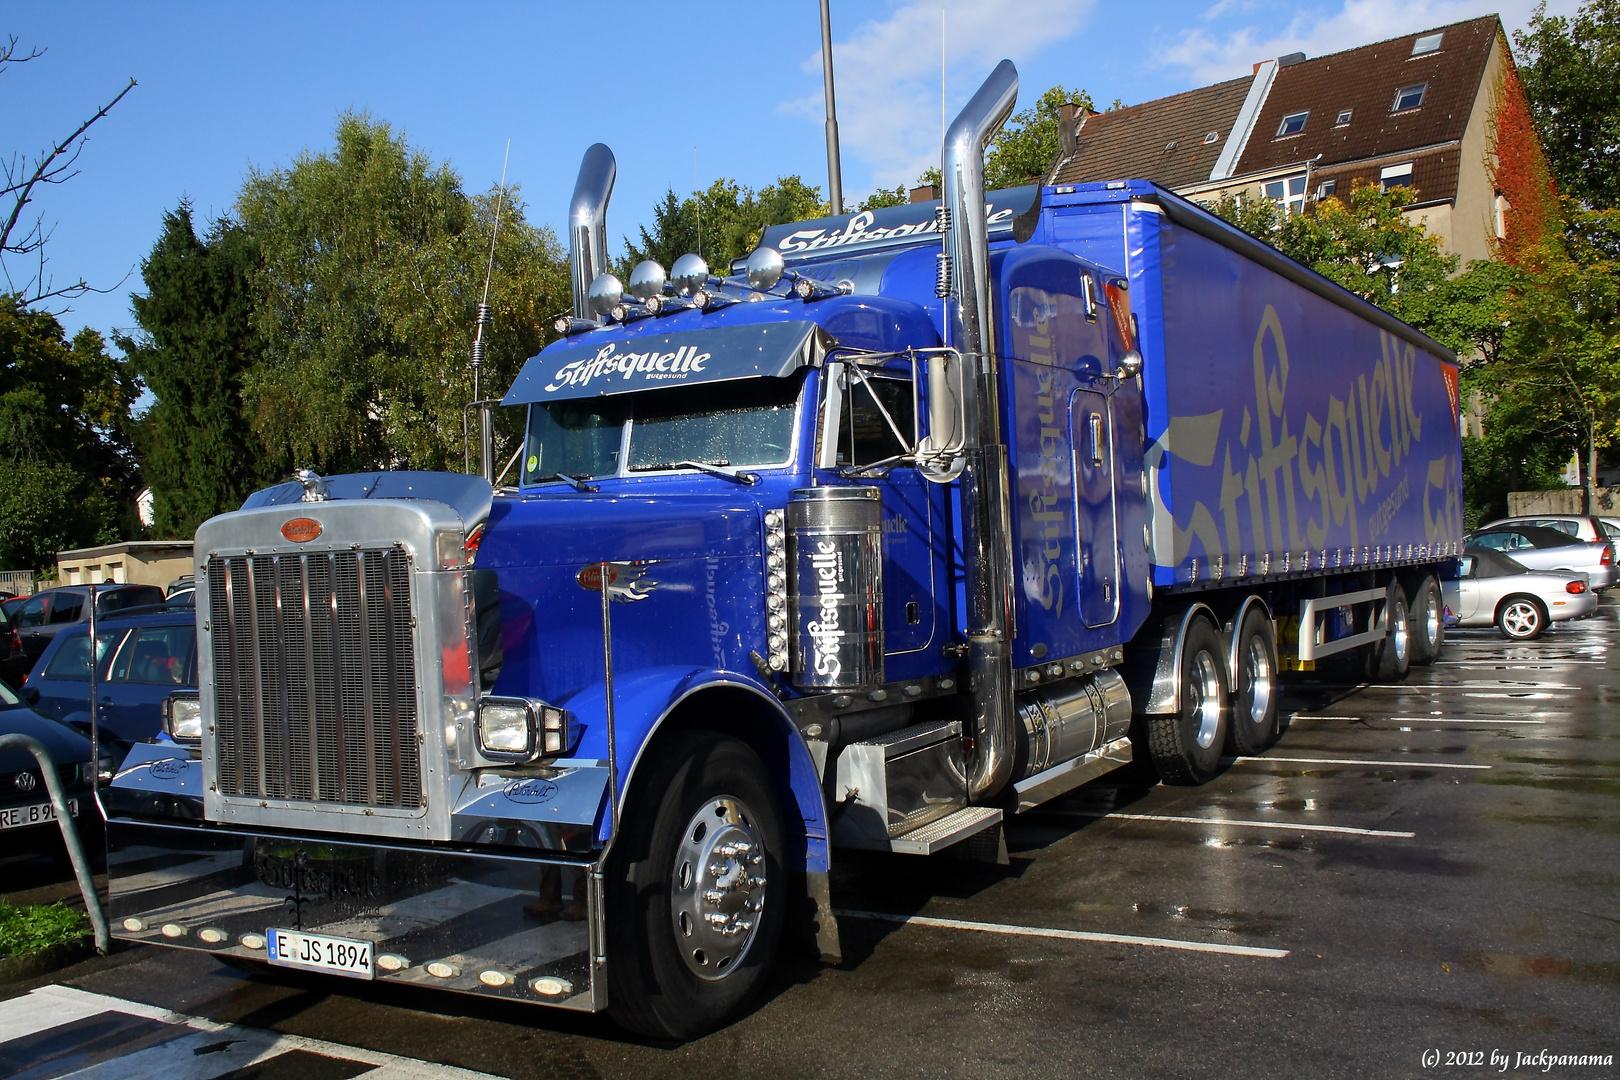 Der Stiftsquelle - Truck in Recklinghausen (1)